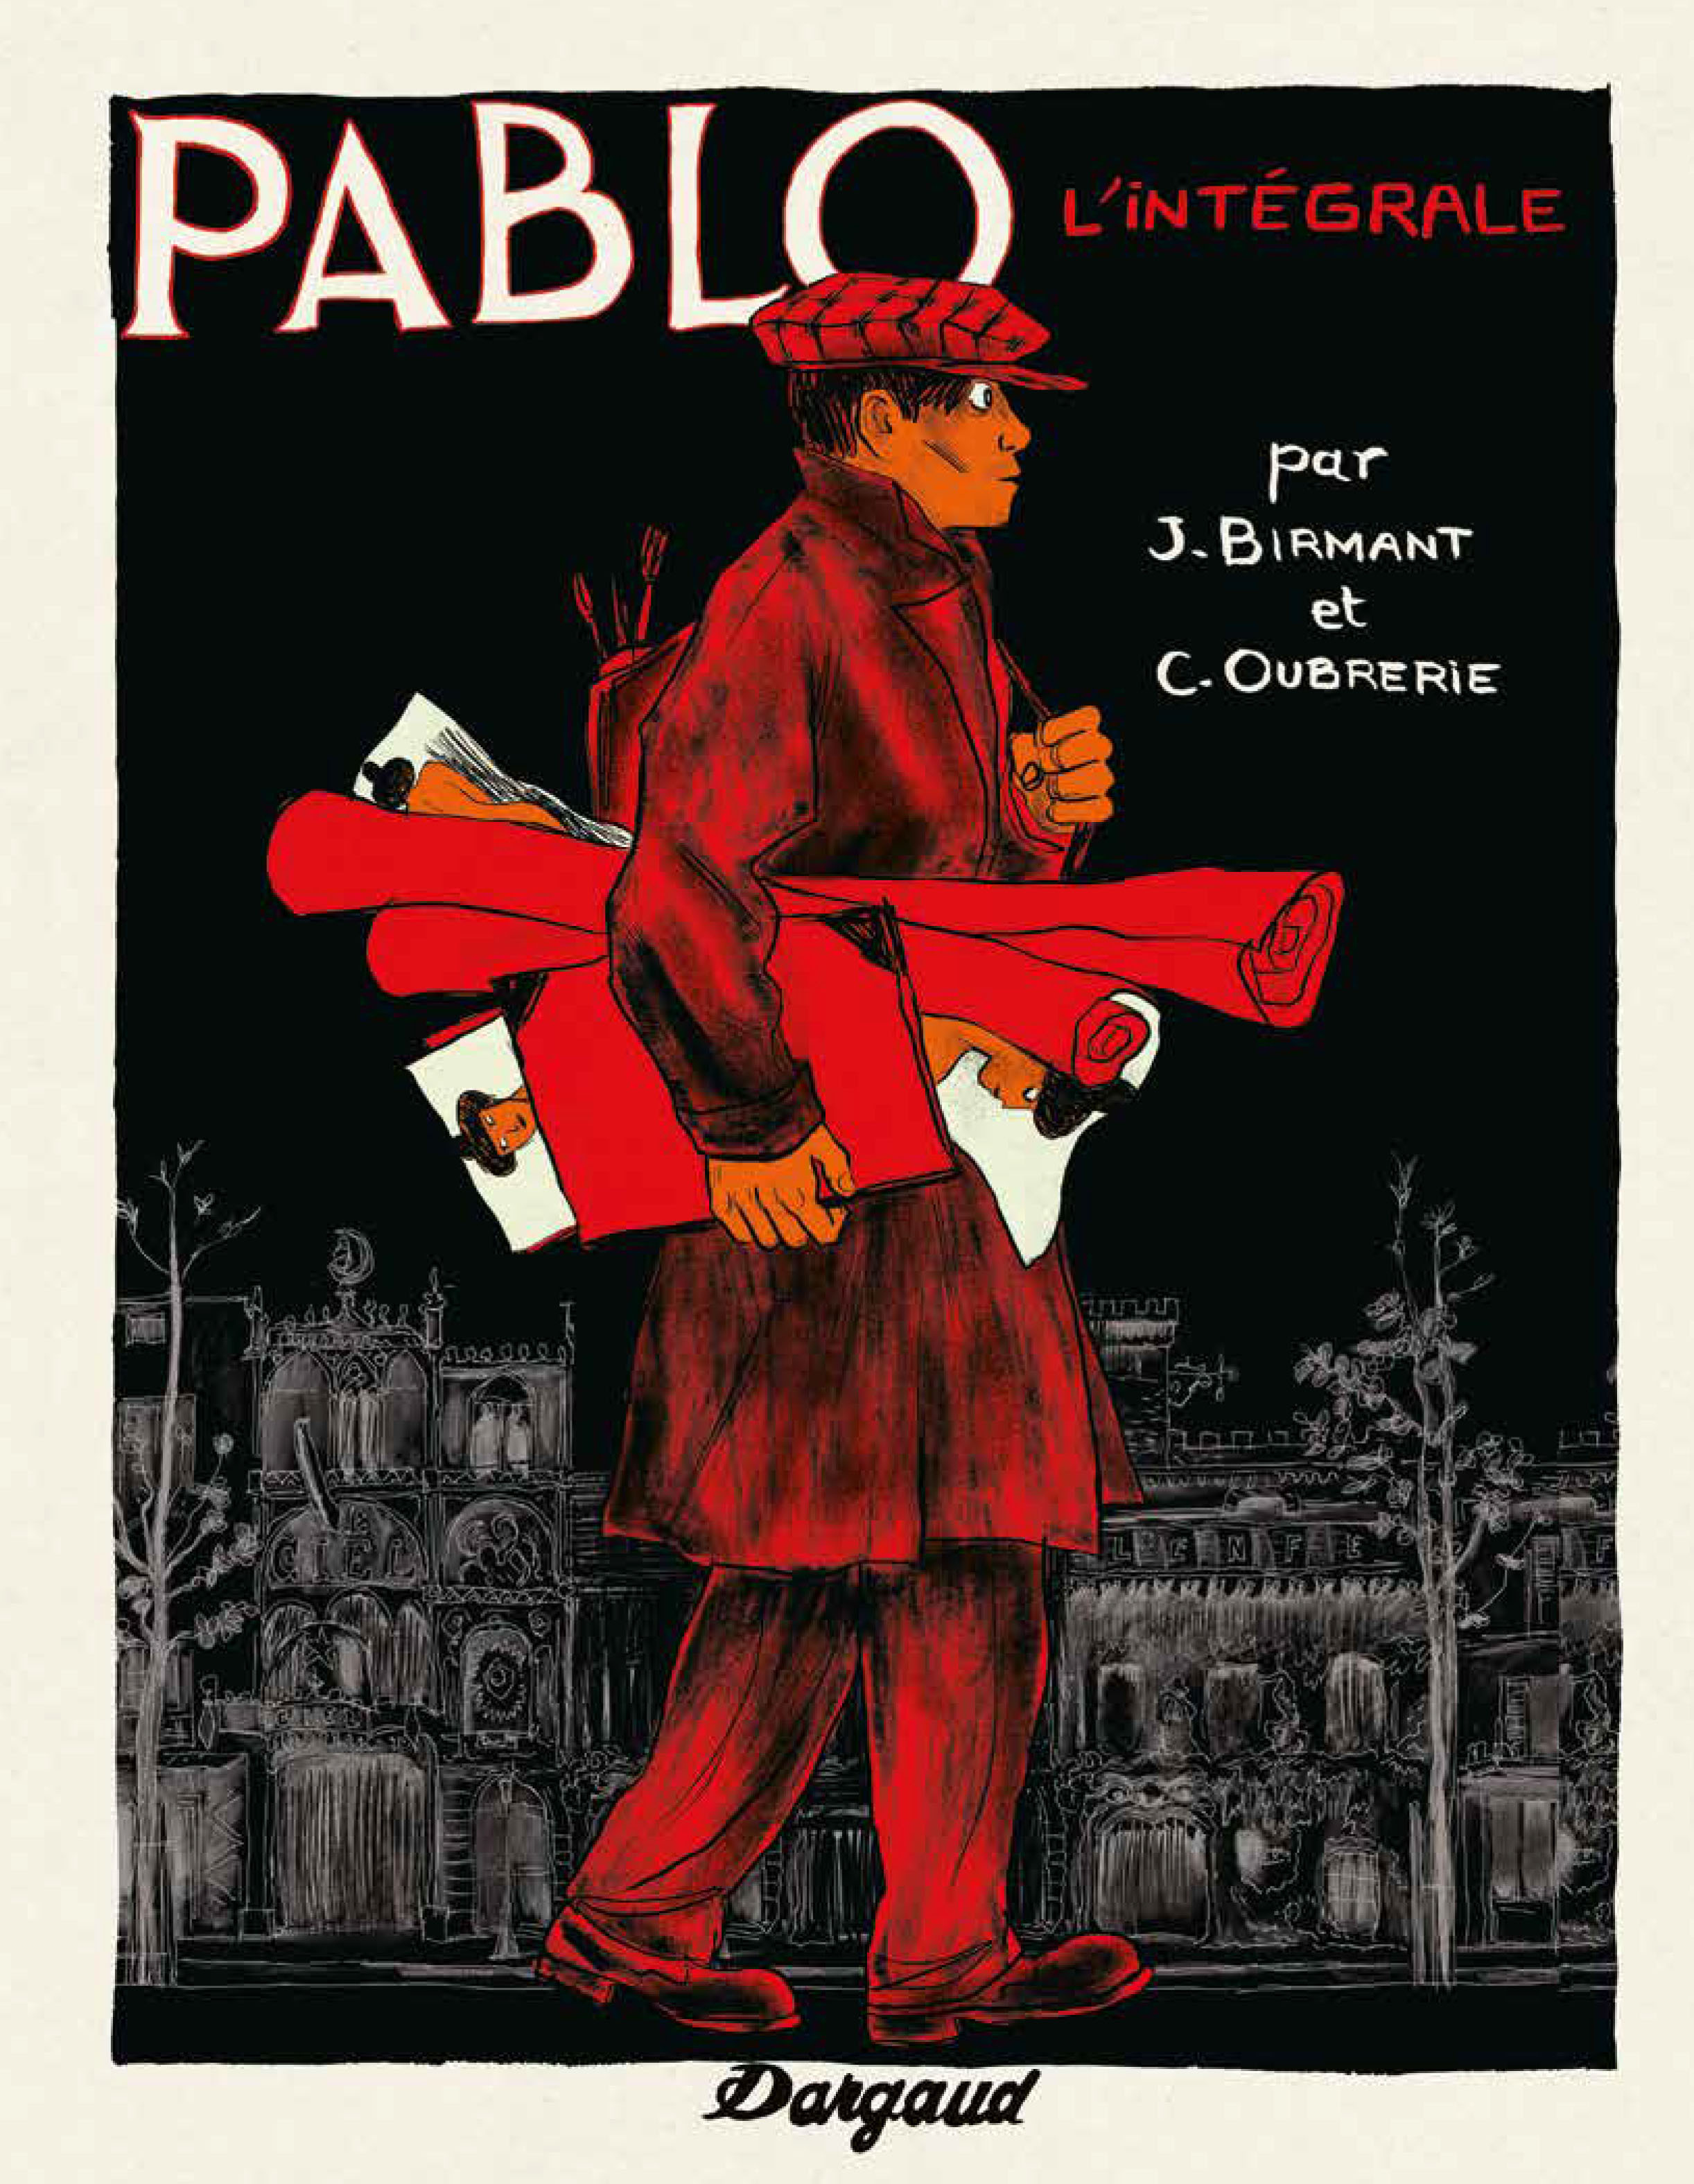 PABLO-INTEGRALE